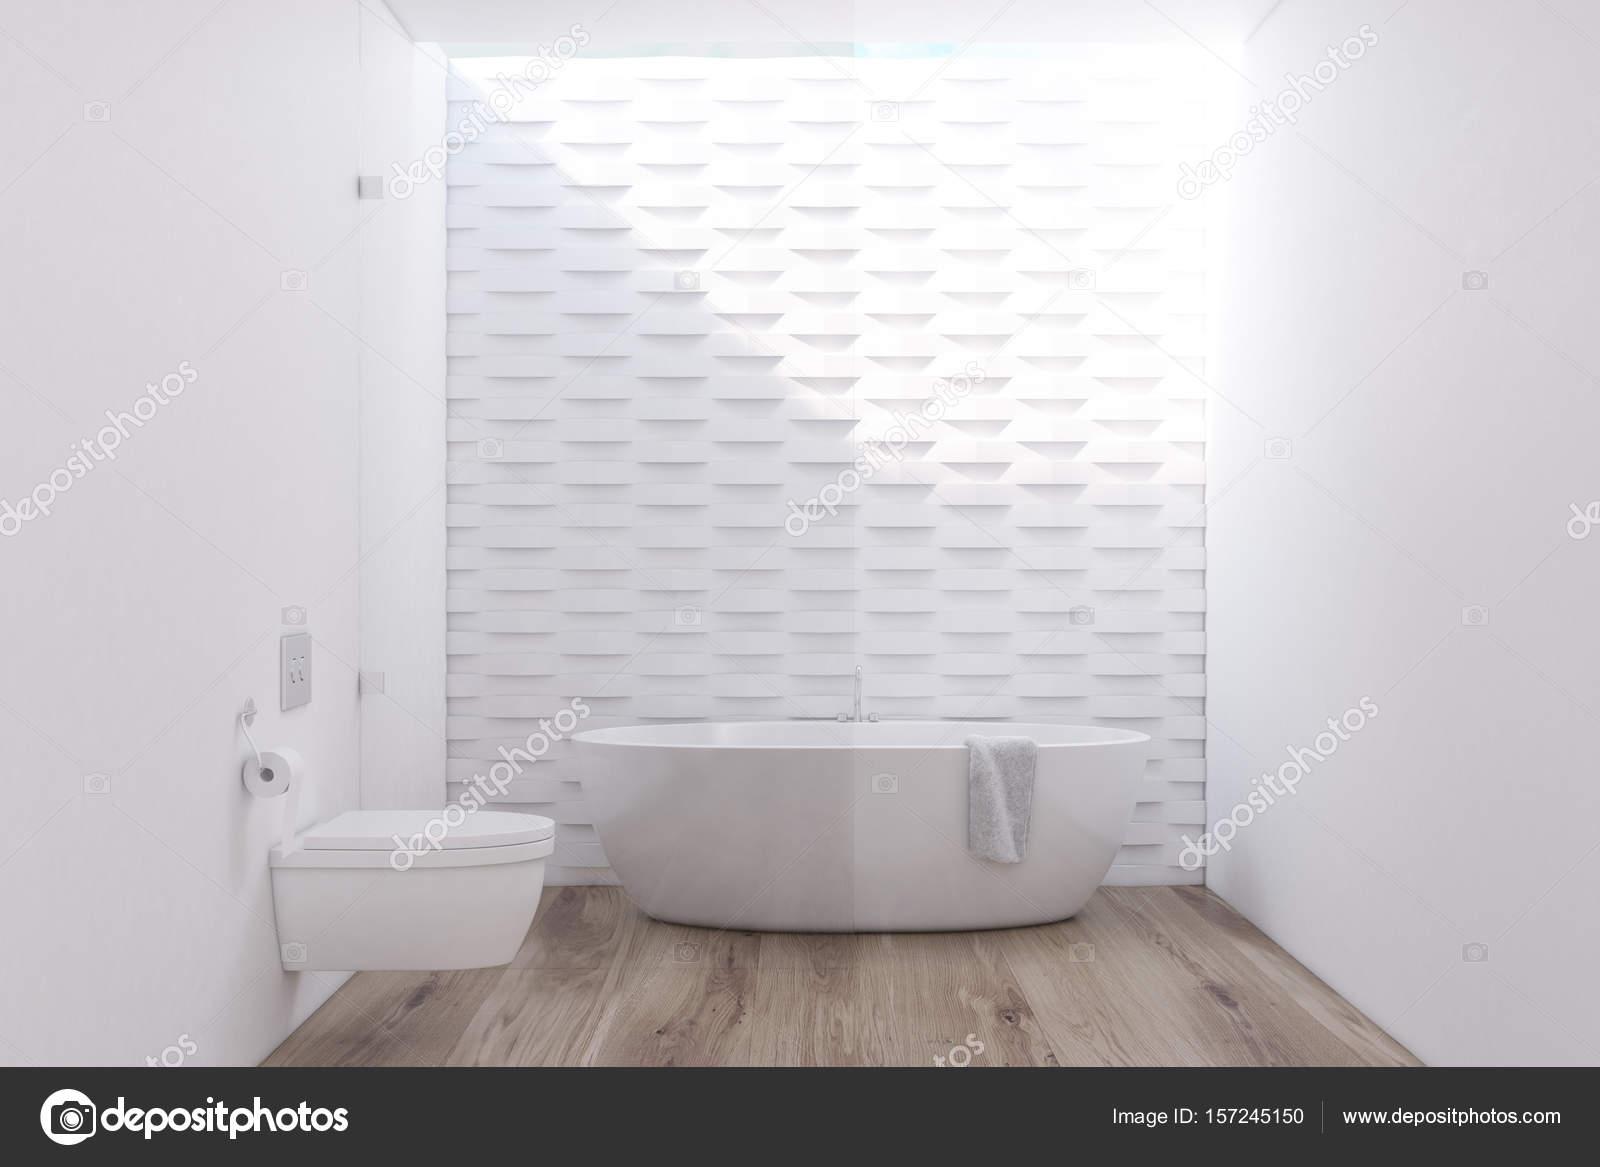 Vasca da bagno rotonda con servizi igienici — Foto Stock ...